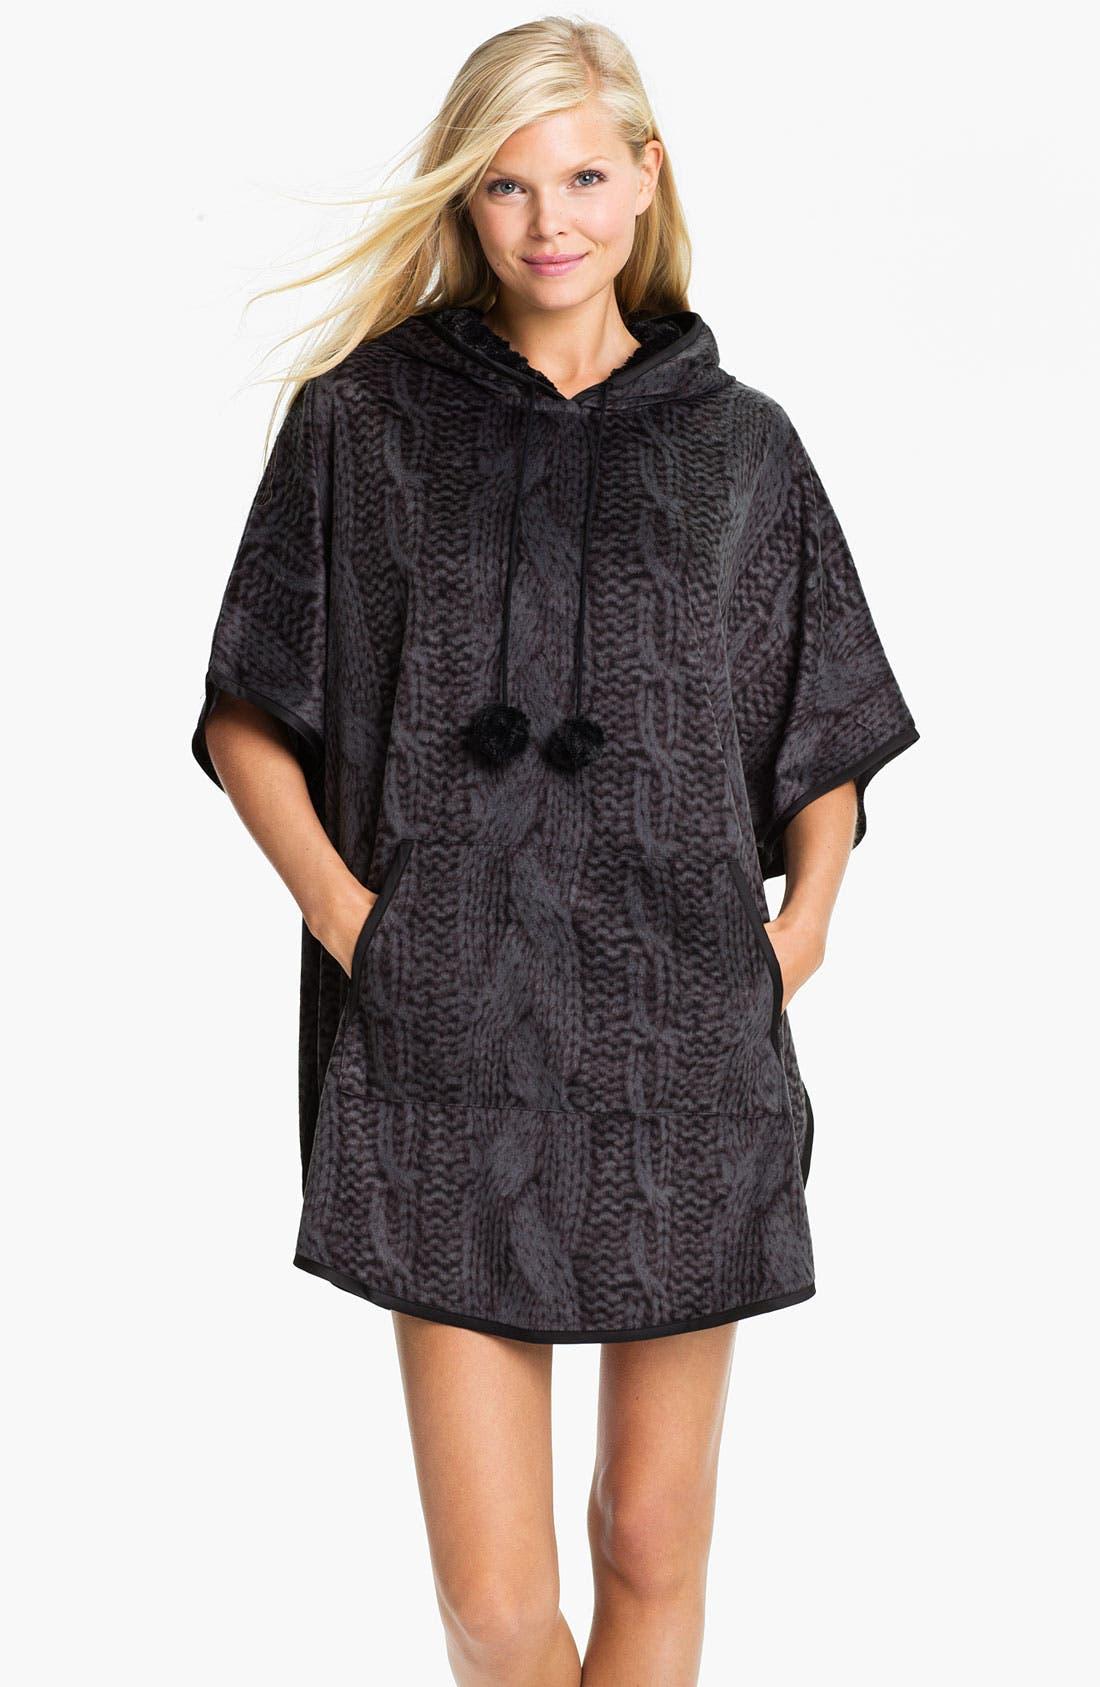 Alternate Image 1 Selected - Kensie Hooded Sweatshirt Poncho